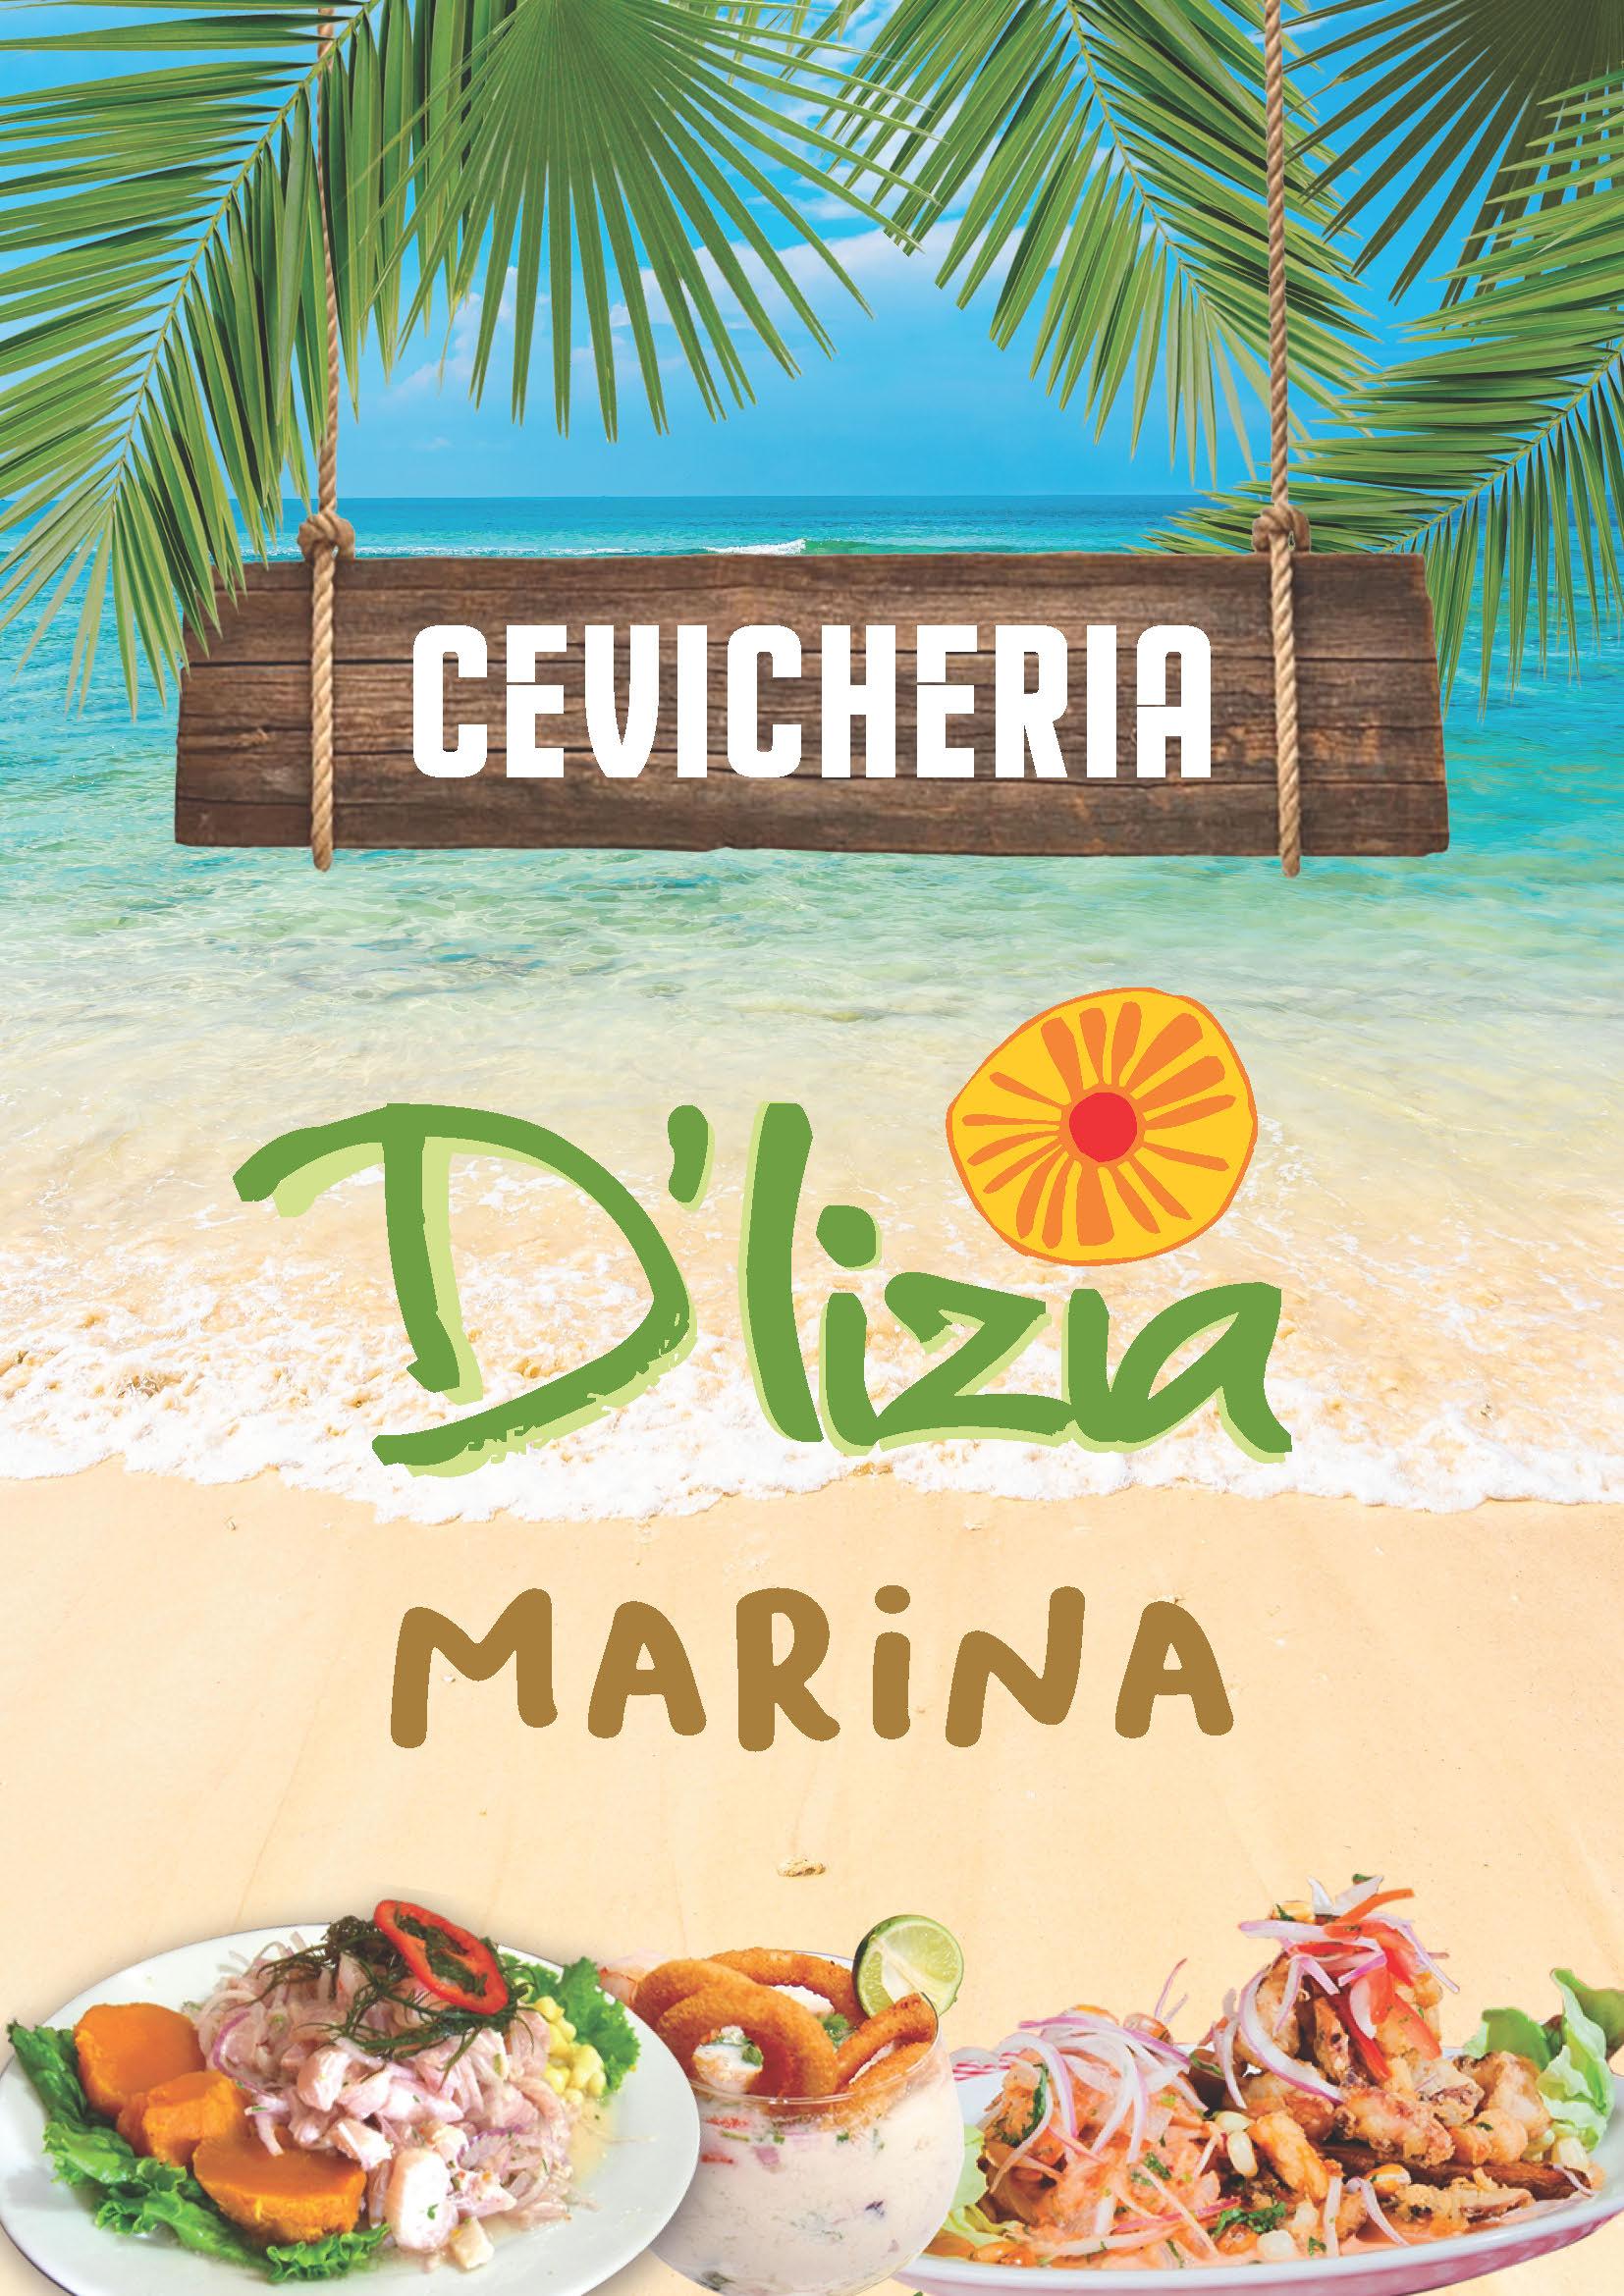 CARTA MARINA DELIZIA_Página_1